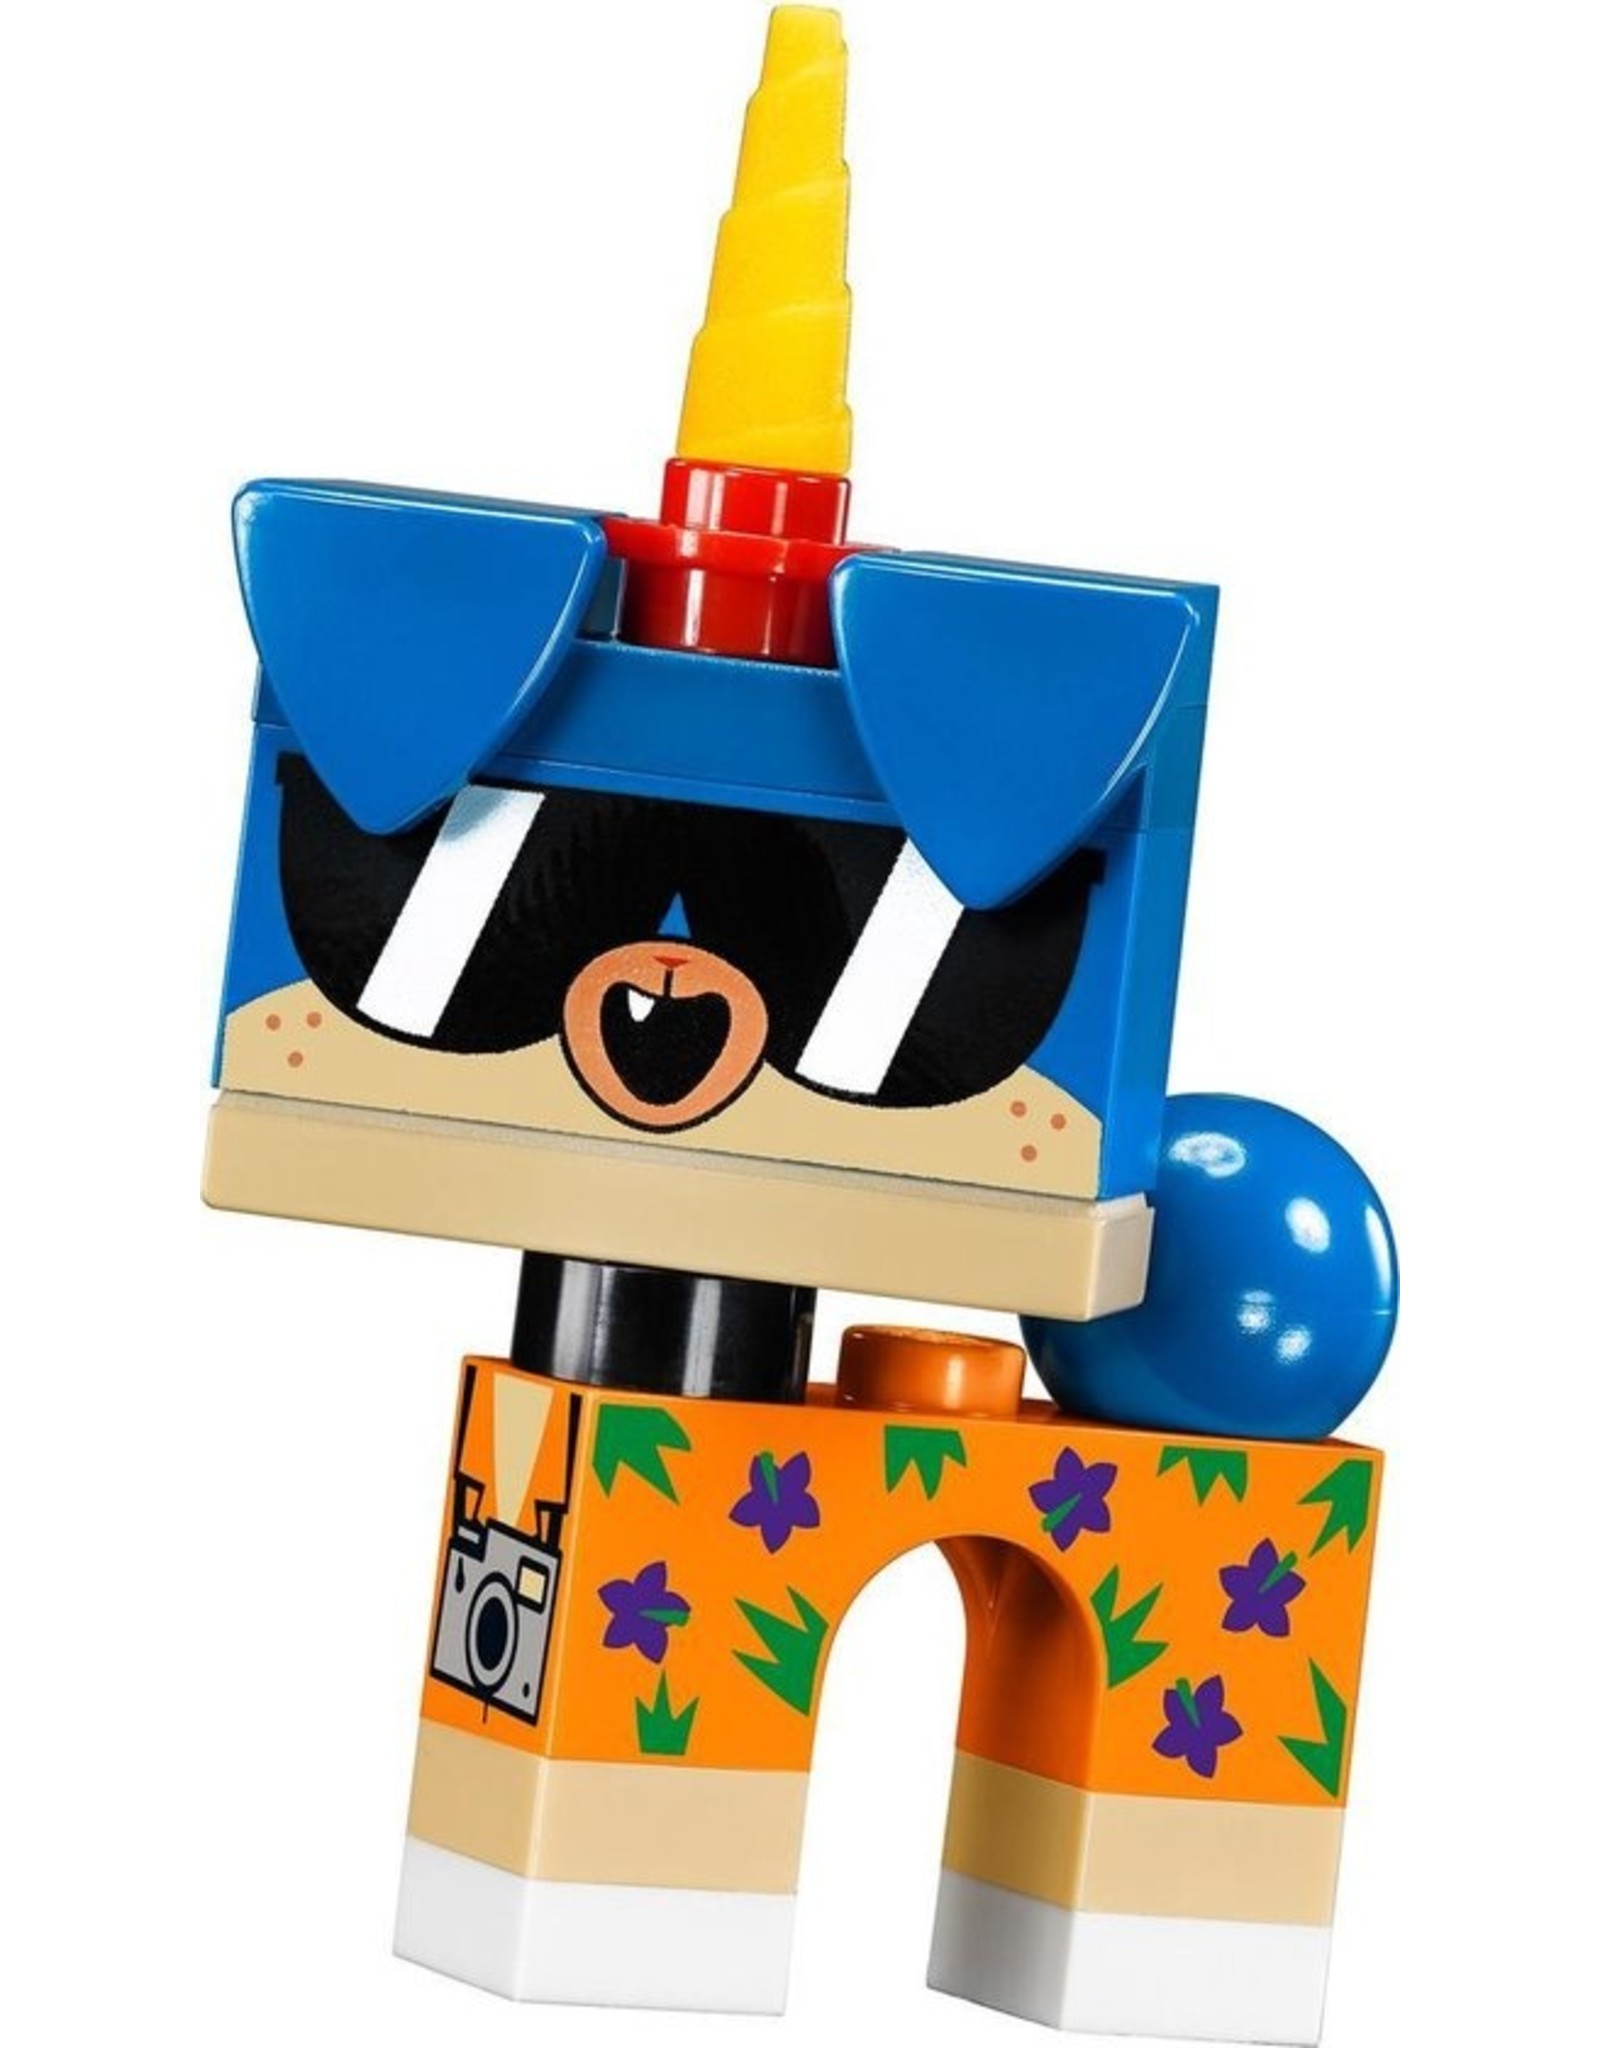 LEGO  LEGO® Minifigures Unikitty Series - Shades Unikitty 3/12 - 41775